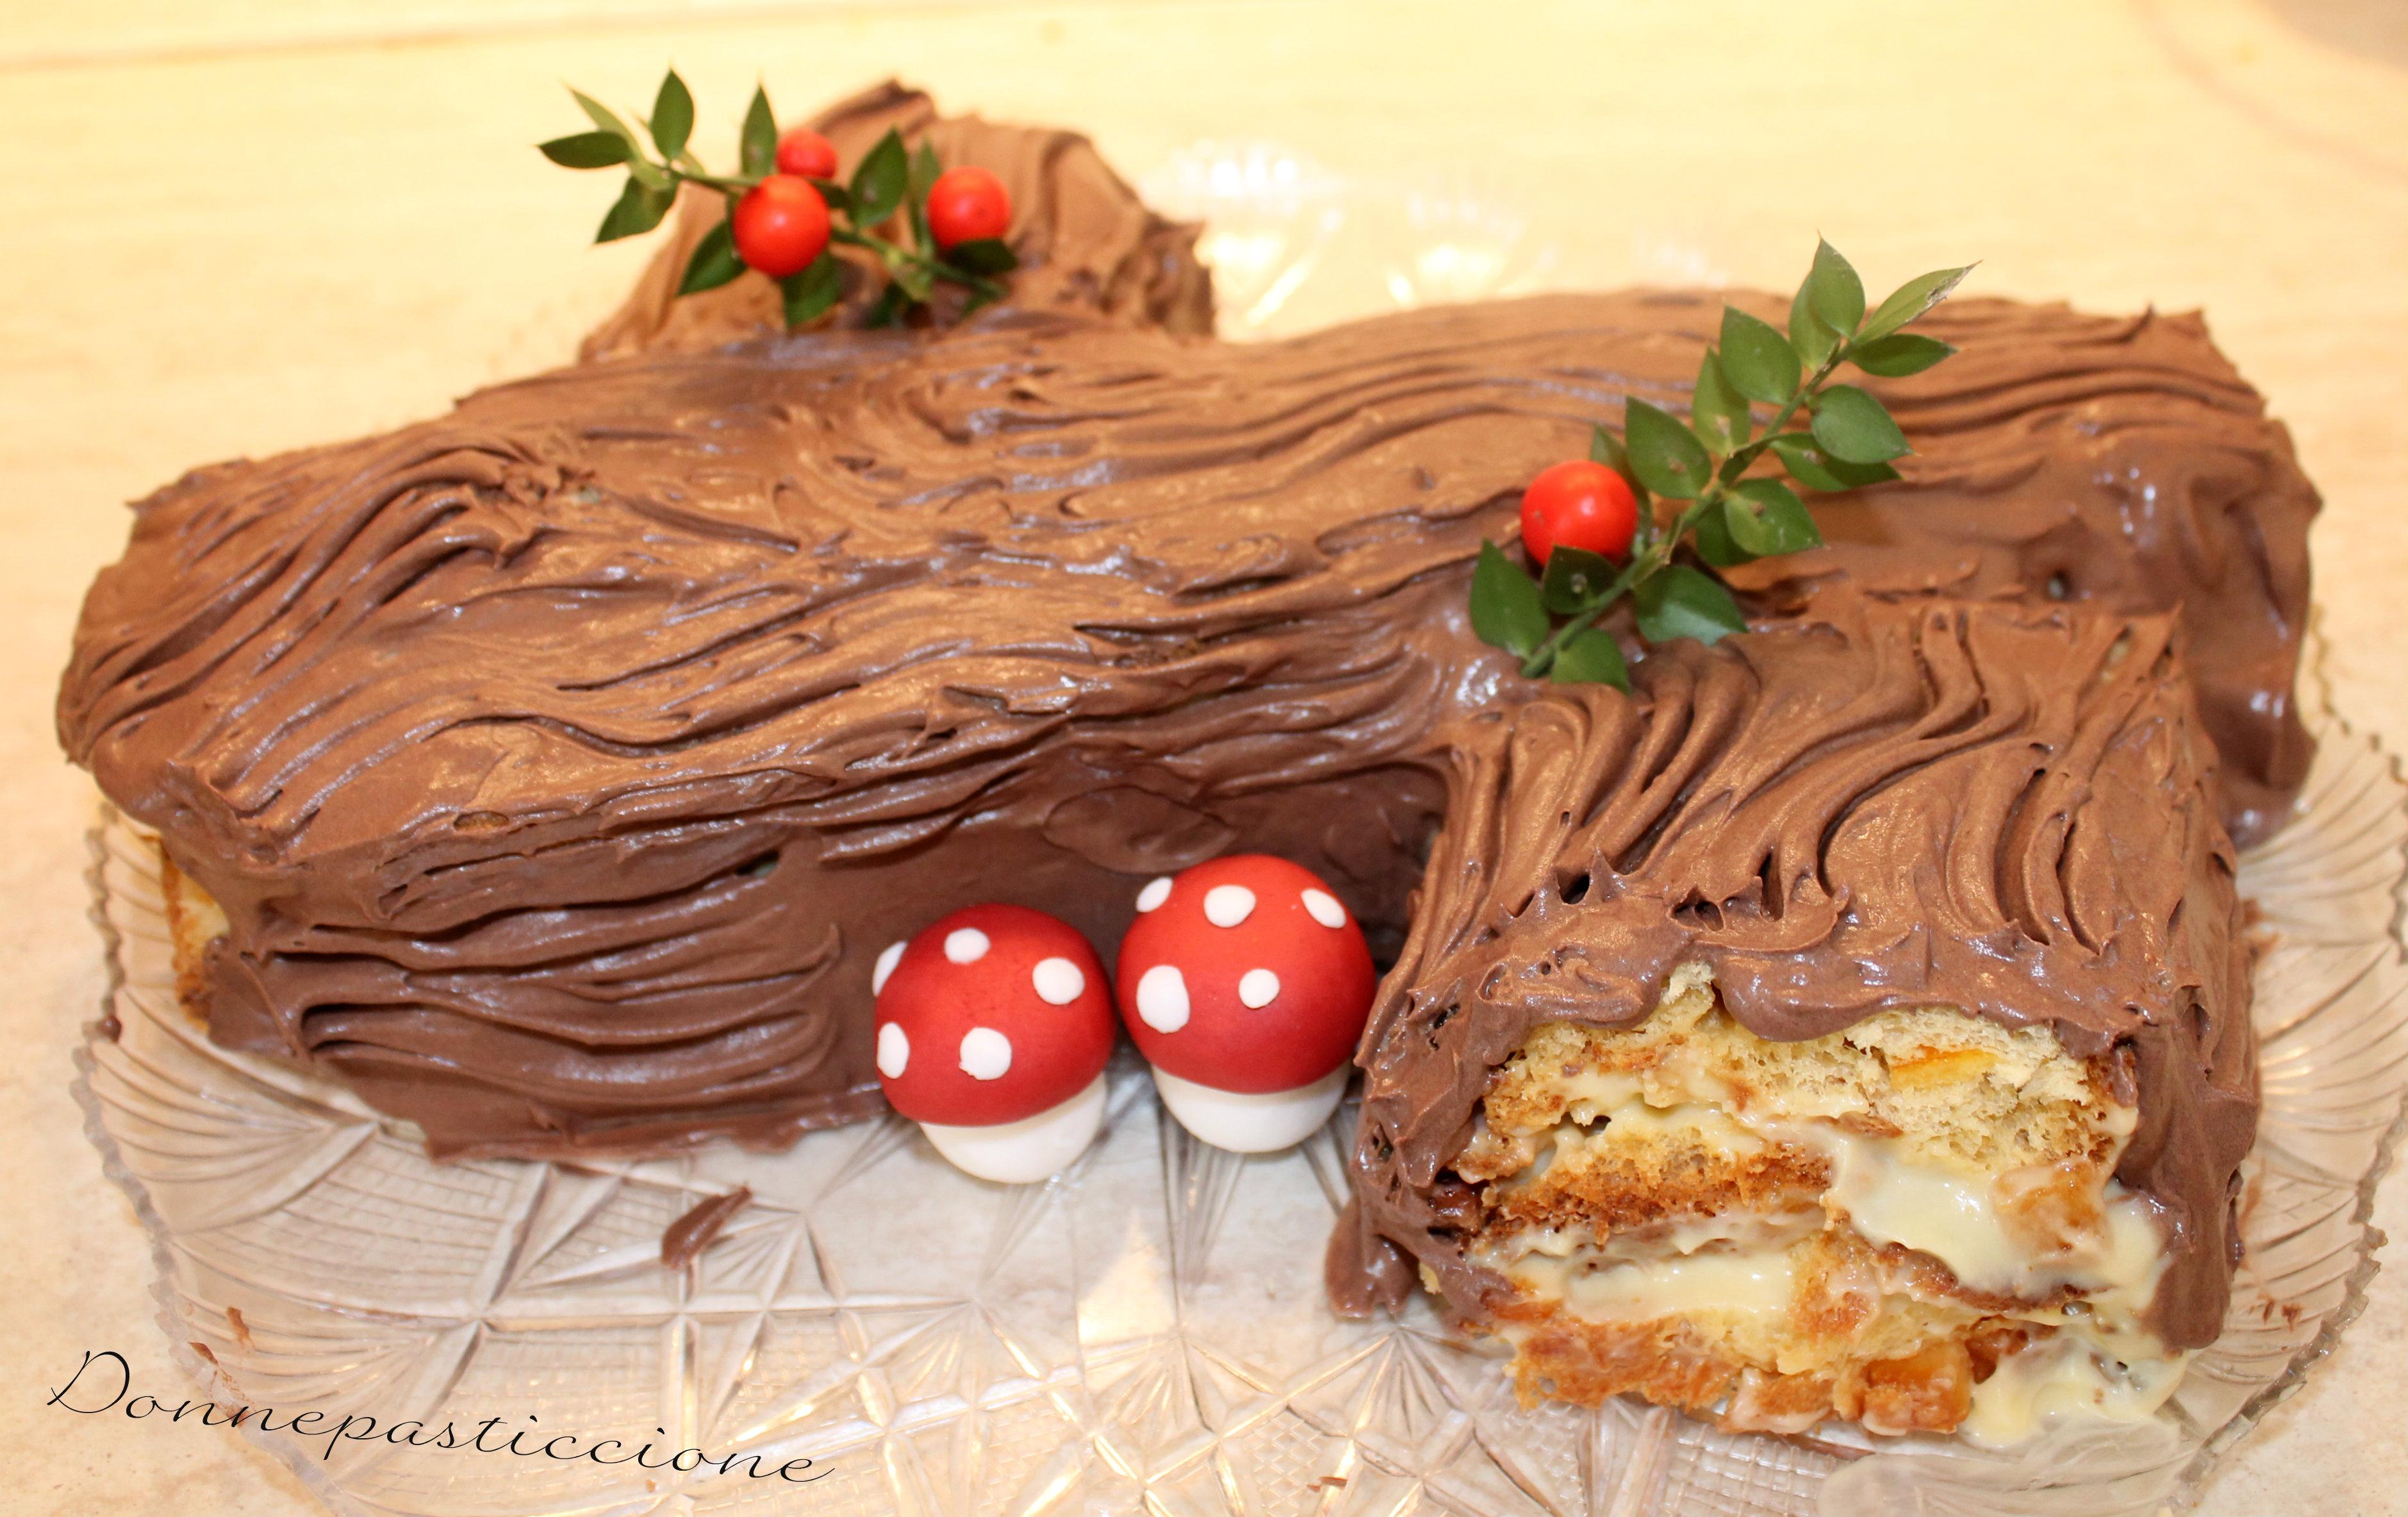 Tronchetto Di Natale Panettone.Tronchetto Di Panettone E Crema Zabaione Donnepasticcione